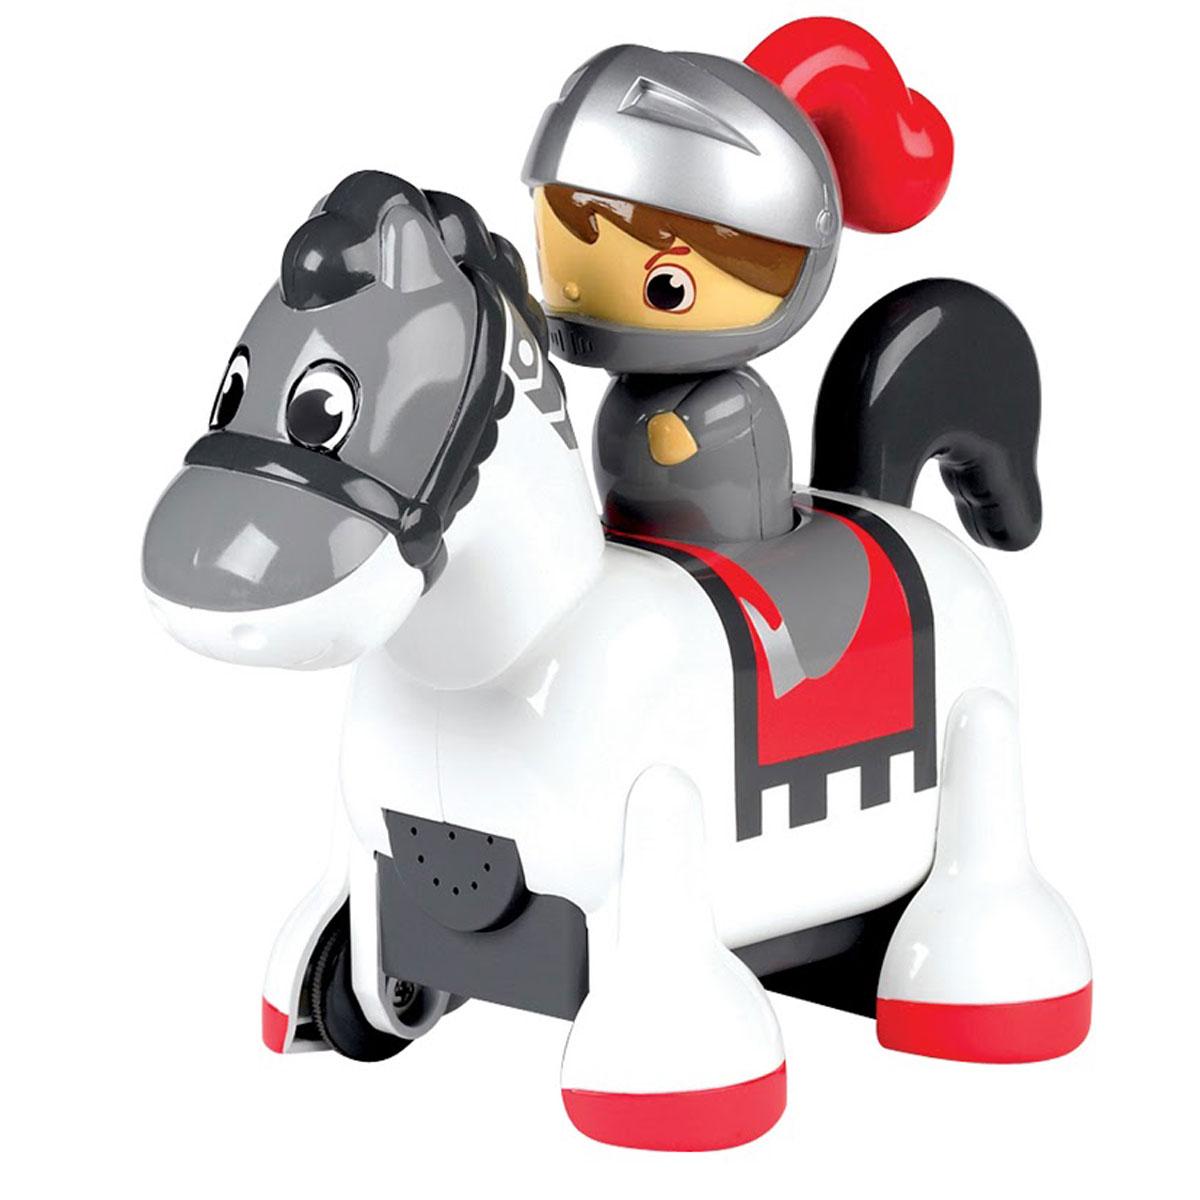 Tomy Развививающая игрушка Рыцарь-всадникE71914RU РыцарьРыцарь-всадник- эта оригинальная игрушка обязательно понравится вашему малышу. Игрушка представляет собой принца в доспехах, оседлавшего лошадку. Отважный рыцарь желает поскорее встретиться со своей принцессой и отправляется в увлекательное путешествие. Стоит только нажать на голову игрушки, она оживет и начнет двигаться, вращая головой и издавая звуки цоканья копыт. Игрушка способствует развитию у ребенка творческого мышления, фантазии, а также мелкой моторики. Игрушка выполнена из высококачественных материалов, не имеет острых углов, безопасна для ребенка. С такой игрушкой будет весело и дома, и на прогулке. Работает от 3-х батареек АА (в комплект не входят).